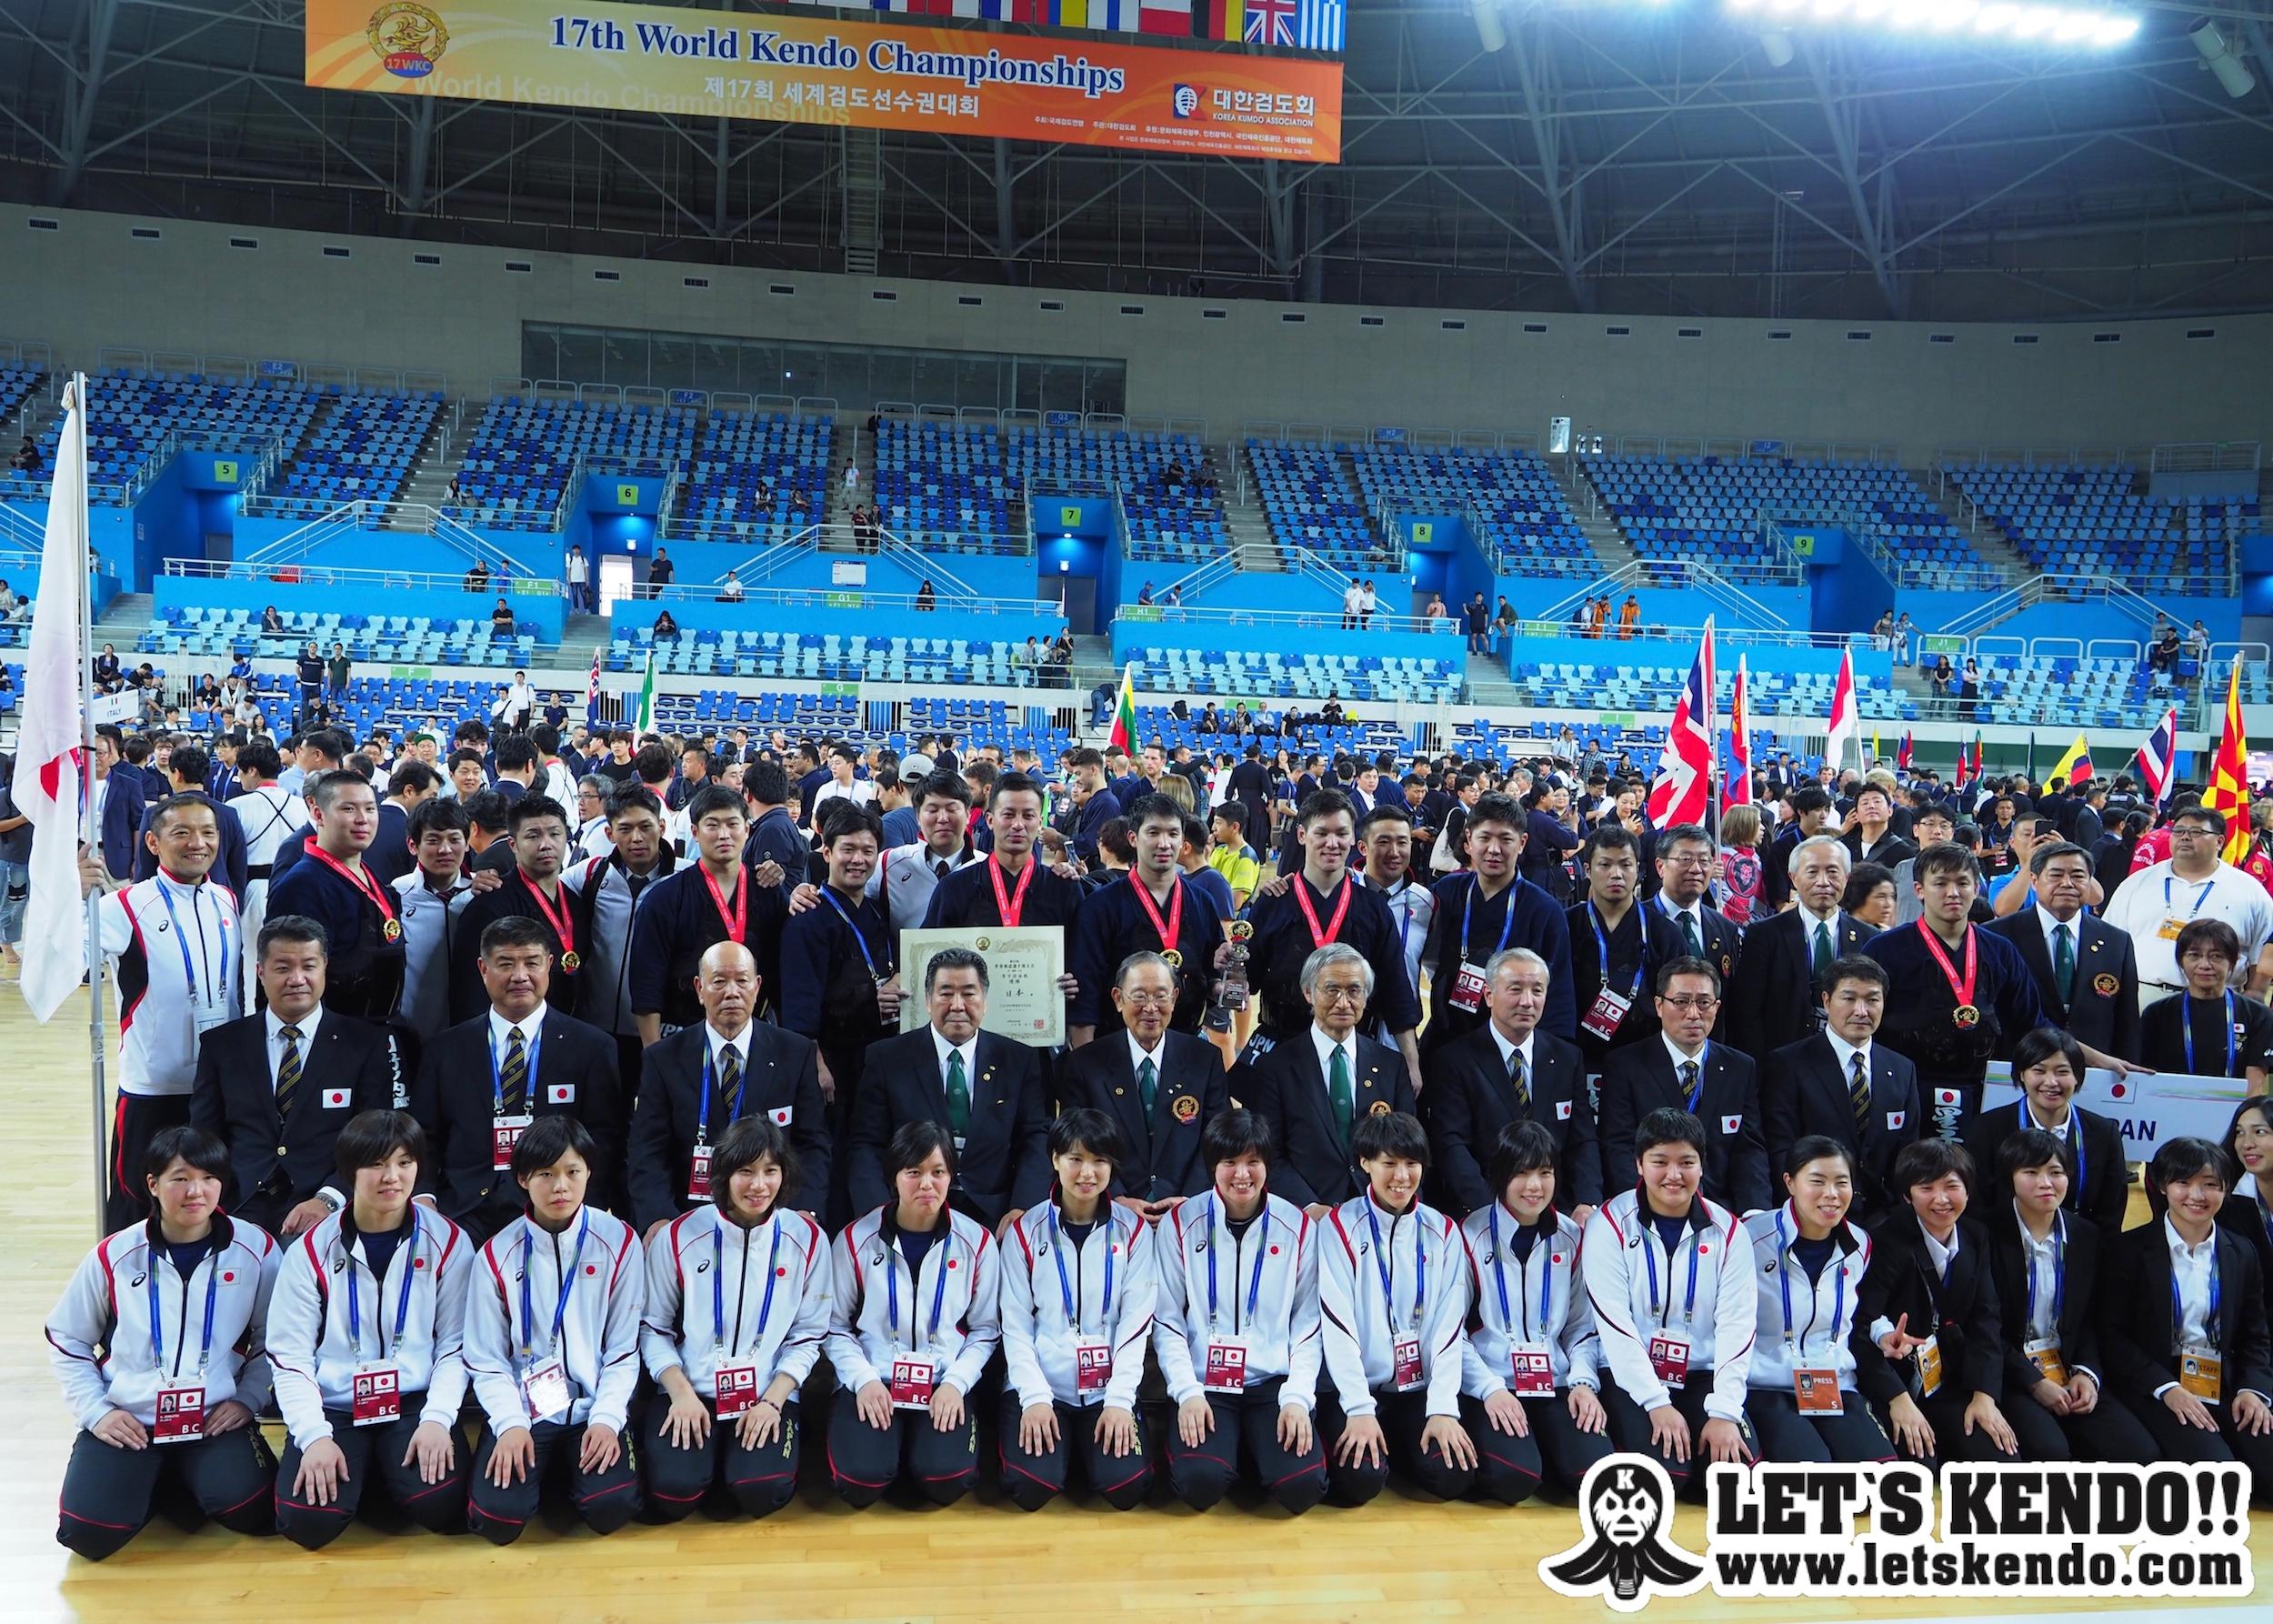 【KENDO WORLD日本語版・結果】9/14〜16 第17回世界選手権大会